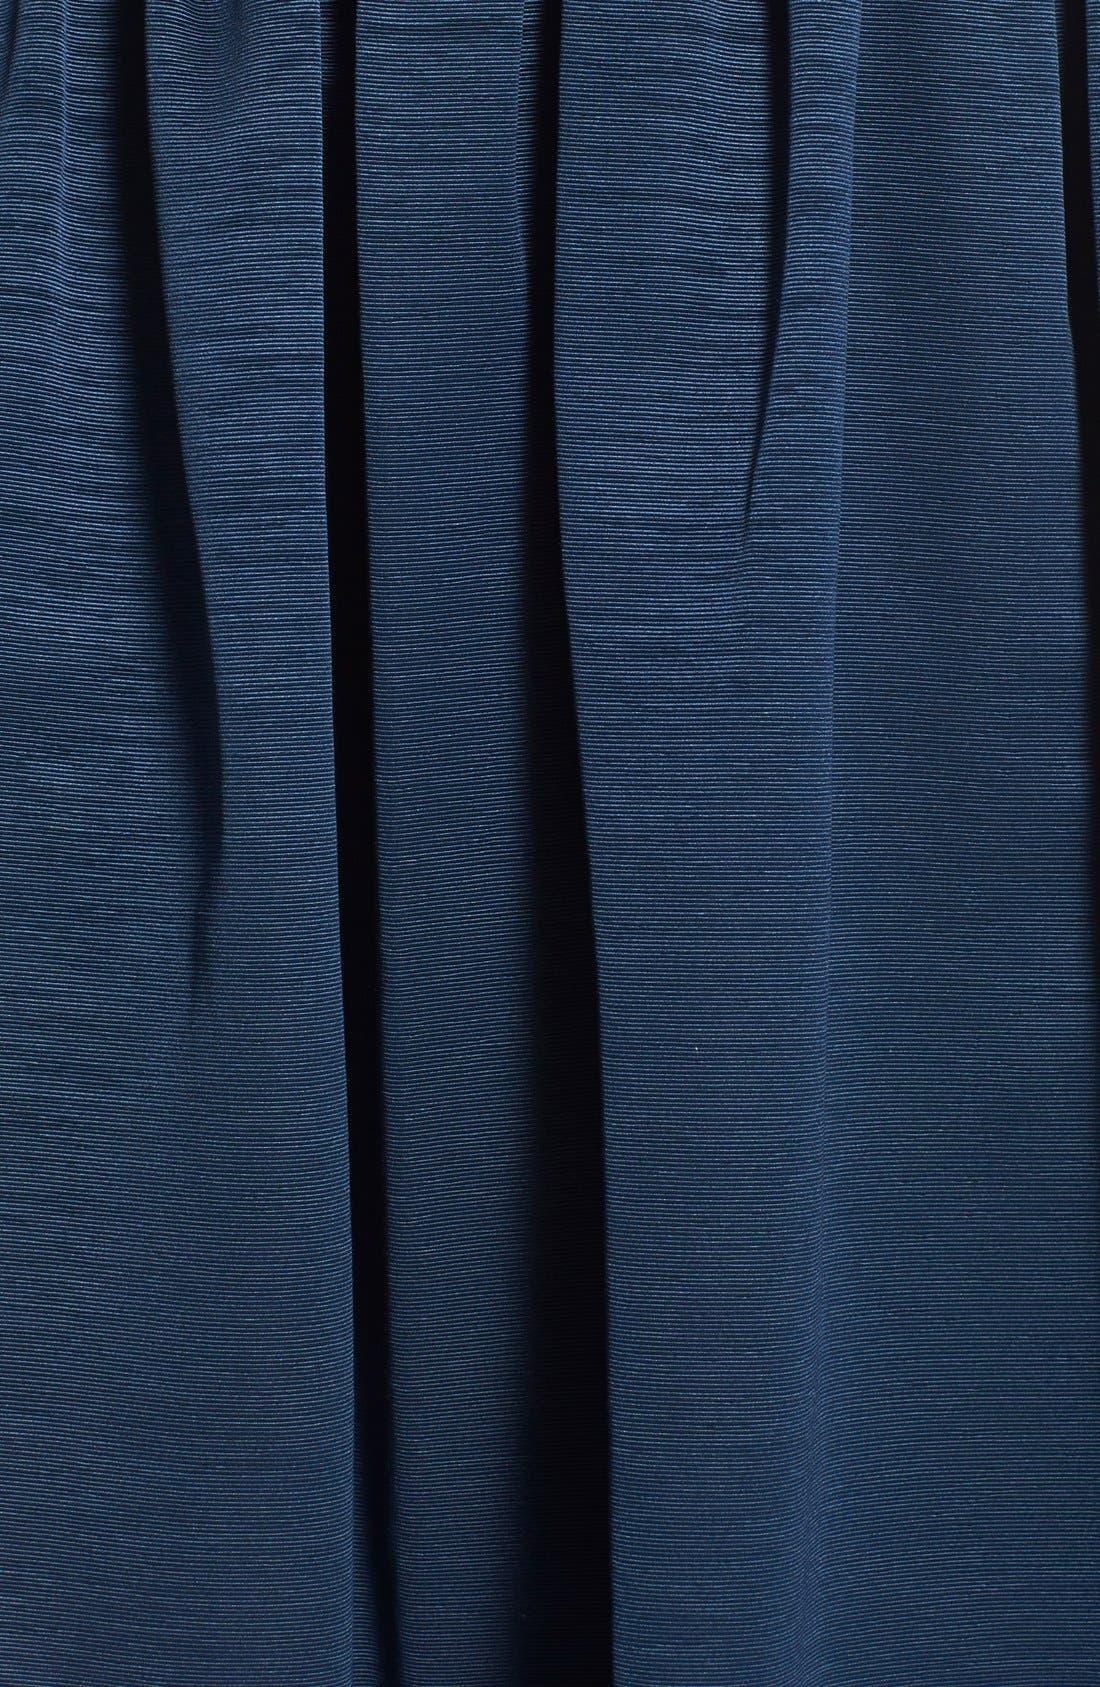 Dot Mesh Bodice Fit & Flare Dress,                             Alternate thumbnail 13, color,